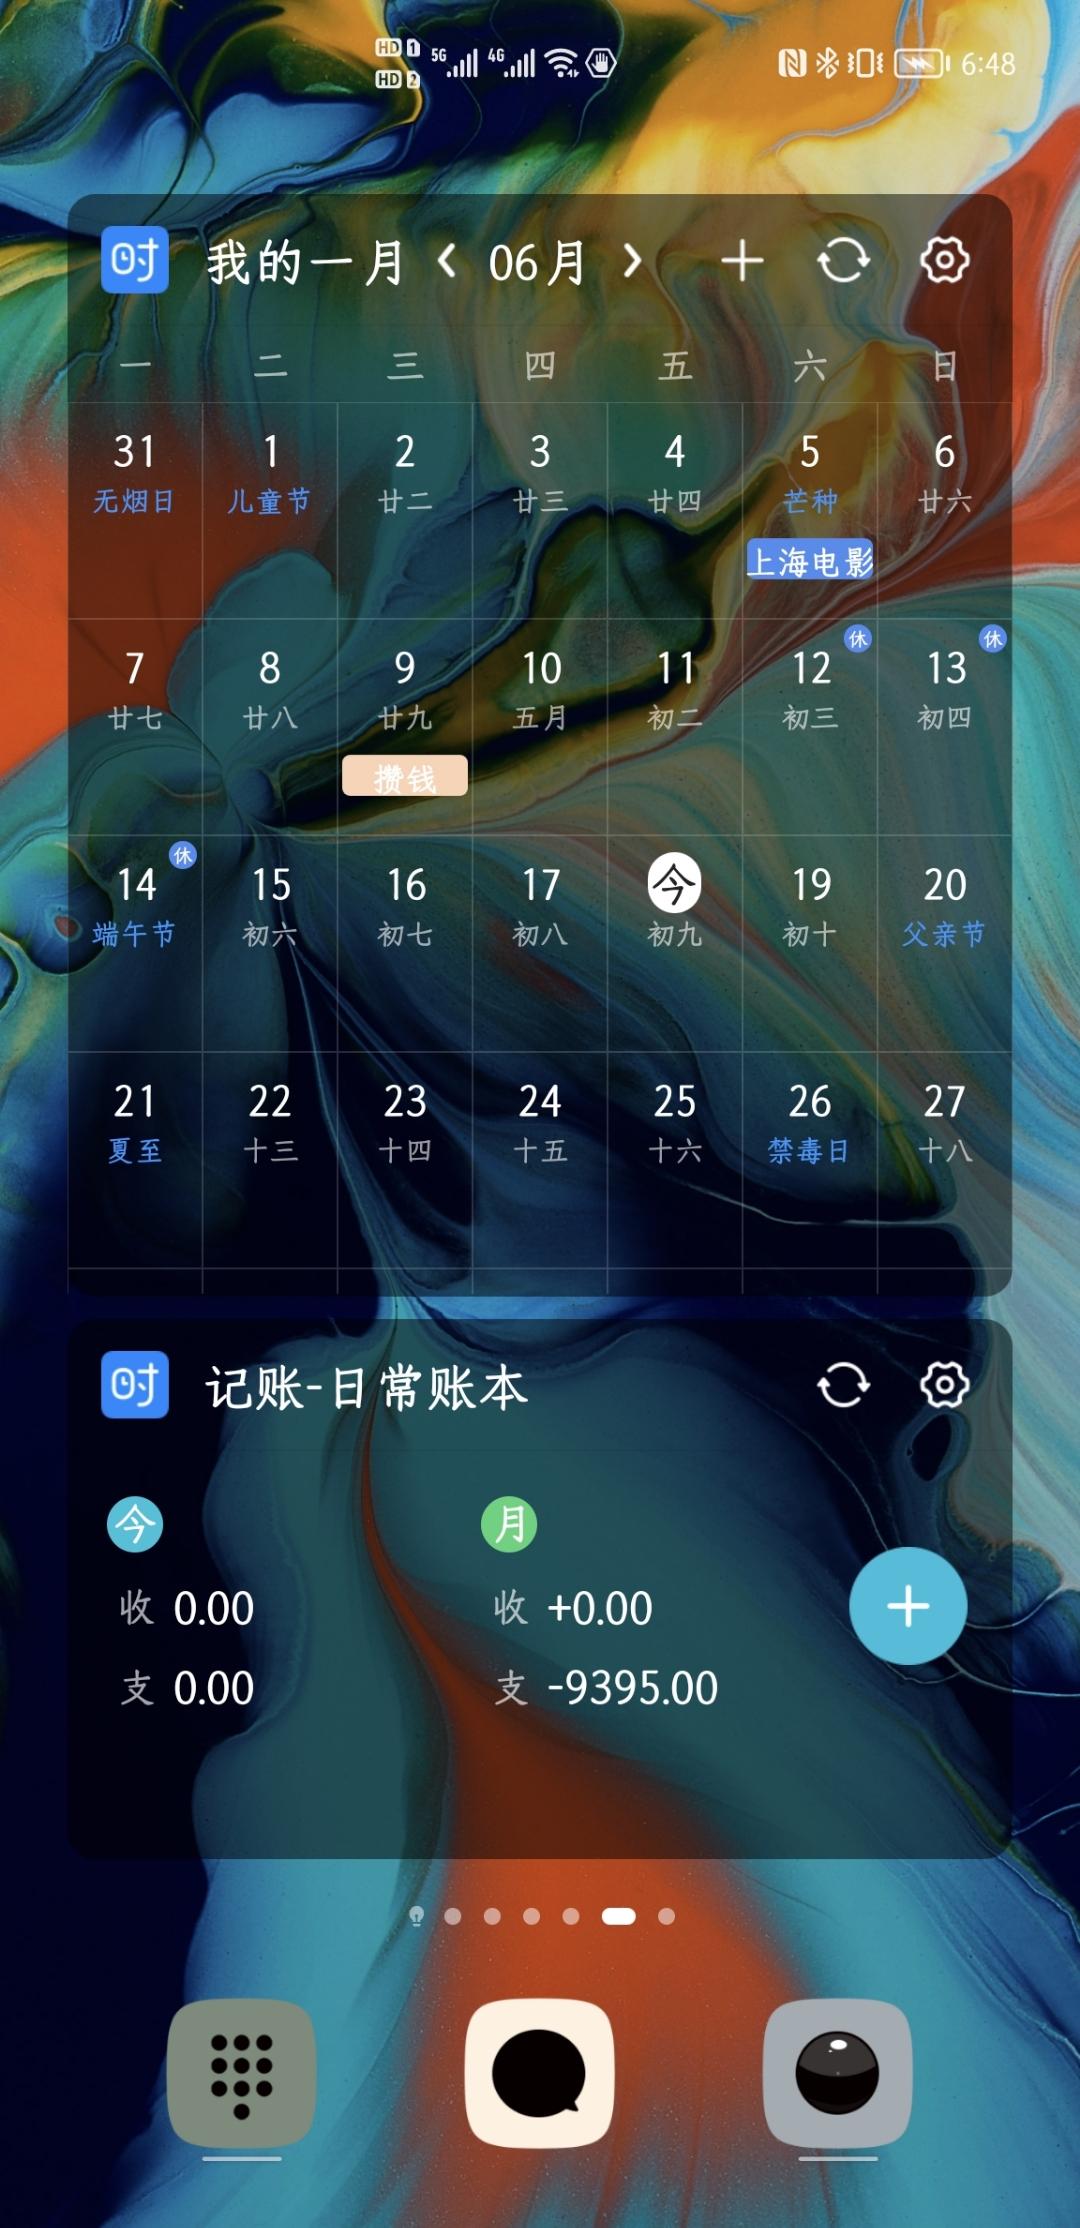 Screenshot_20210618_184831_com.huawei.android.launcher.jpg